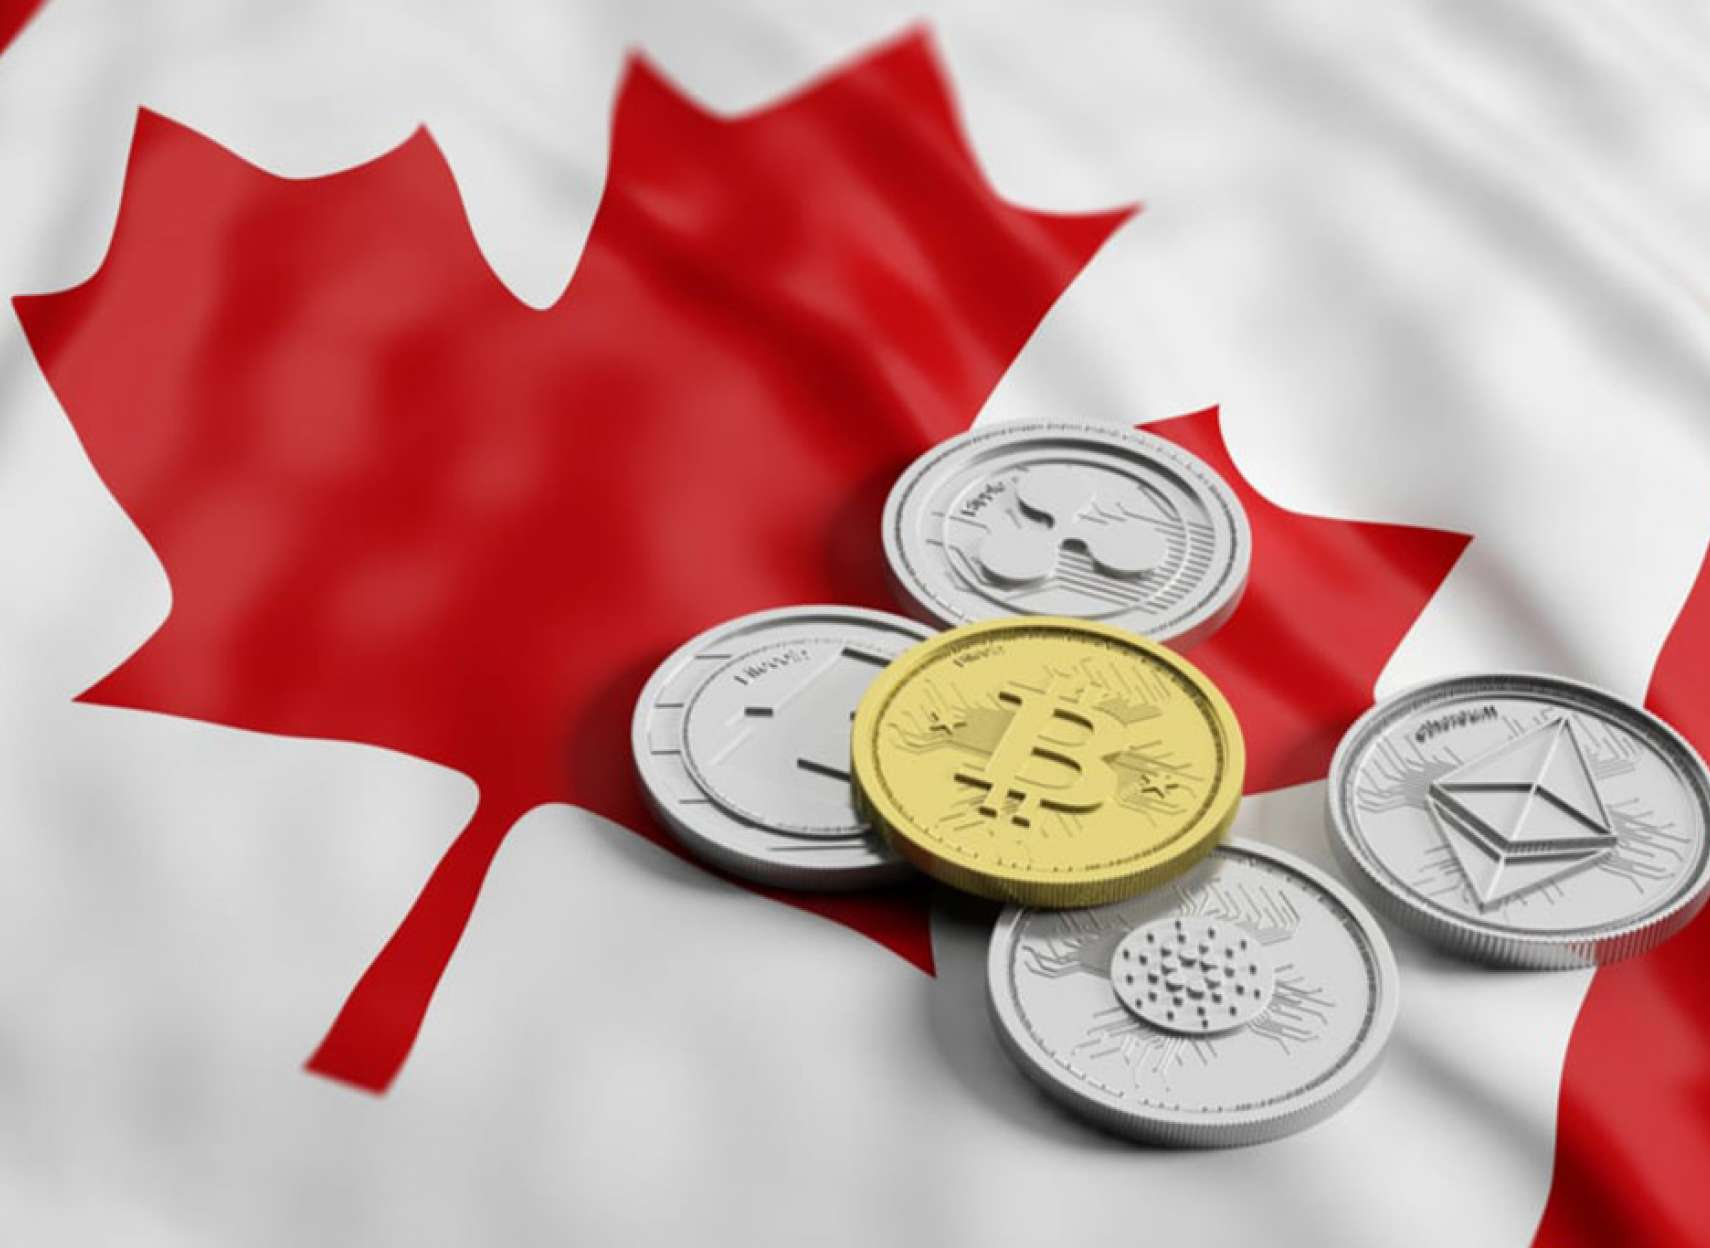 اخبار-کانادا-بانک-کانادا-پول-دیجیتالی-خودش-را-راه-اندازی-می-کند